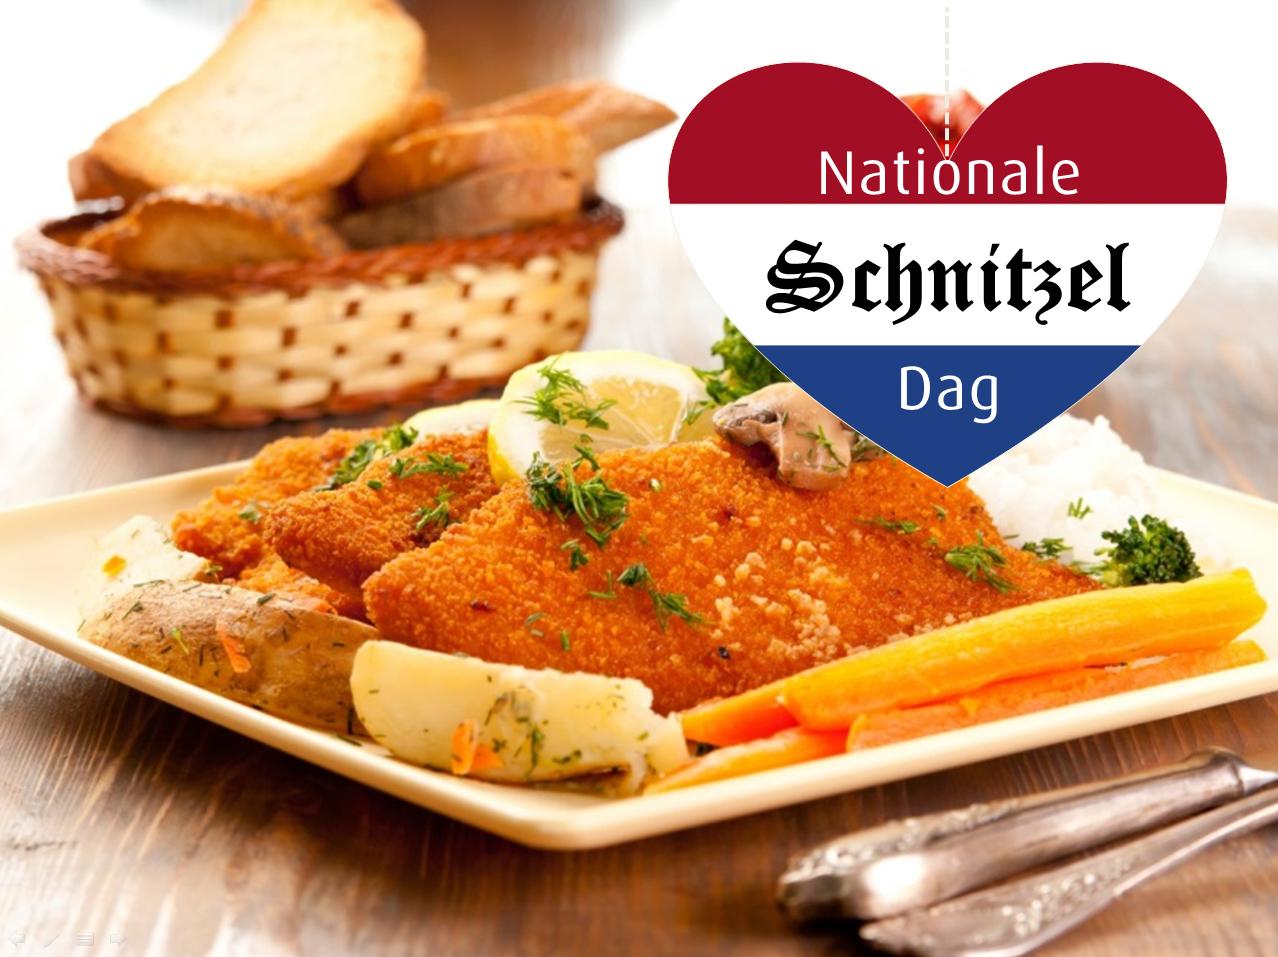 cox_nationaleschnitzeldag_2016